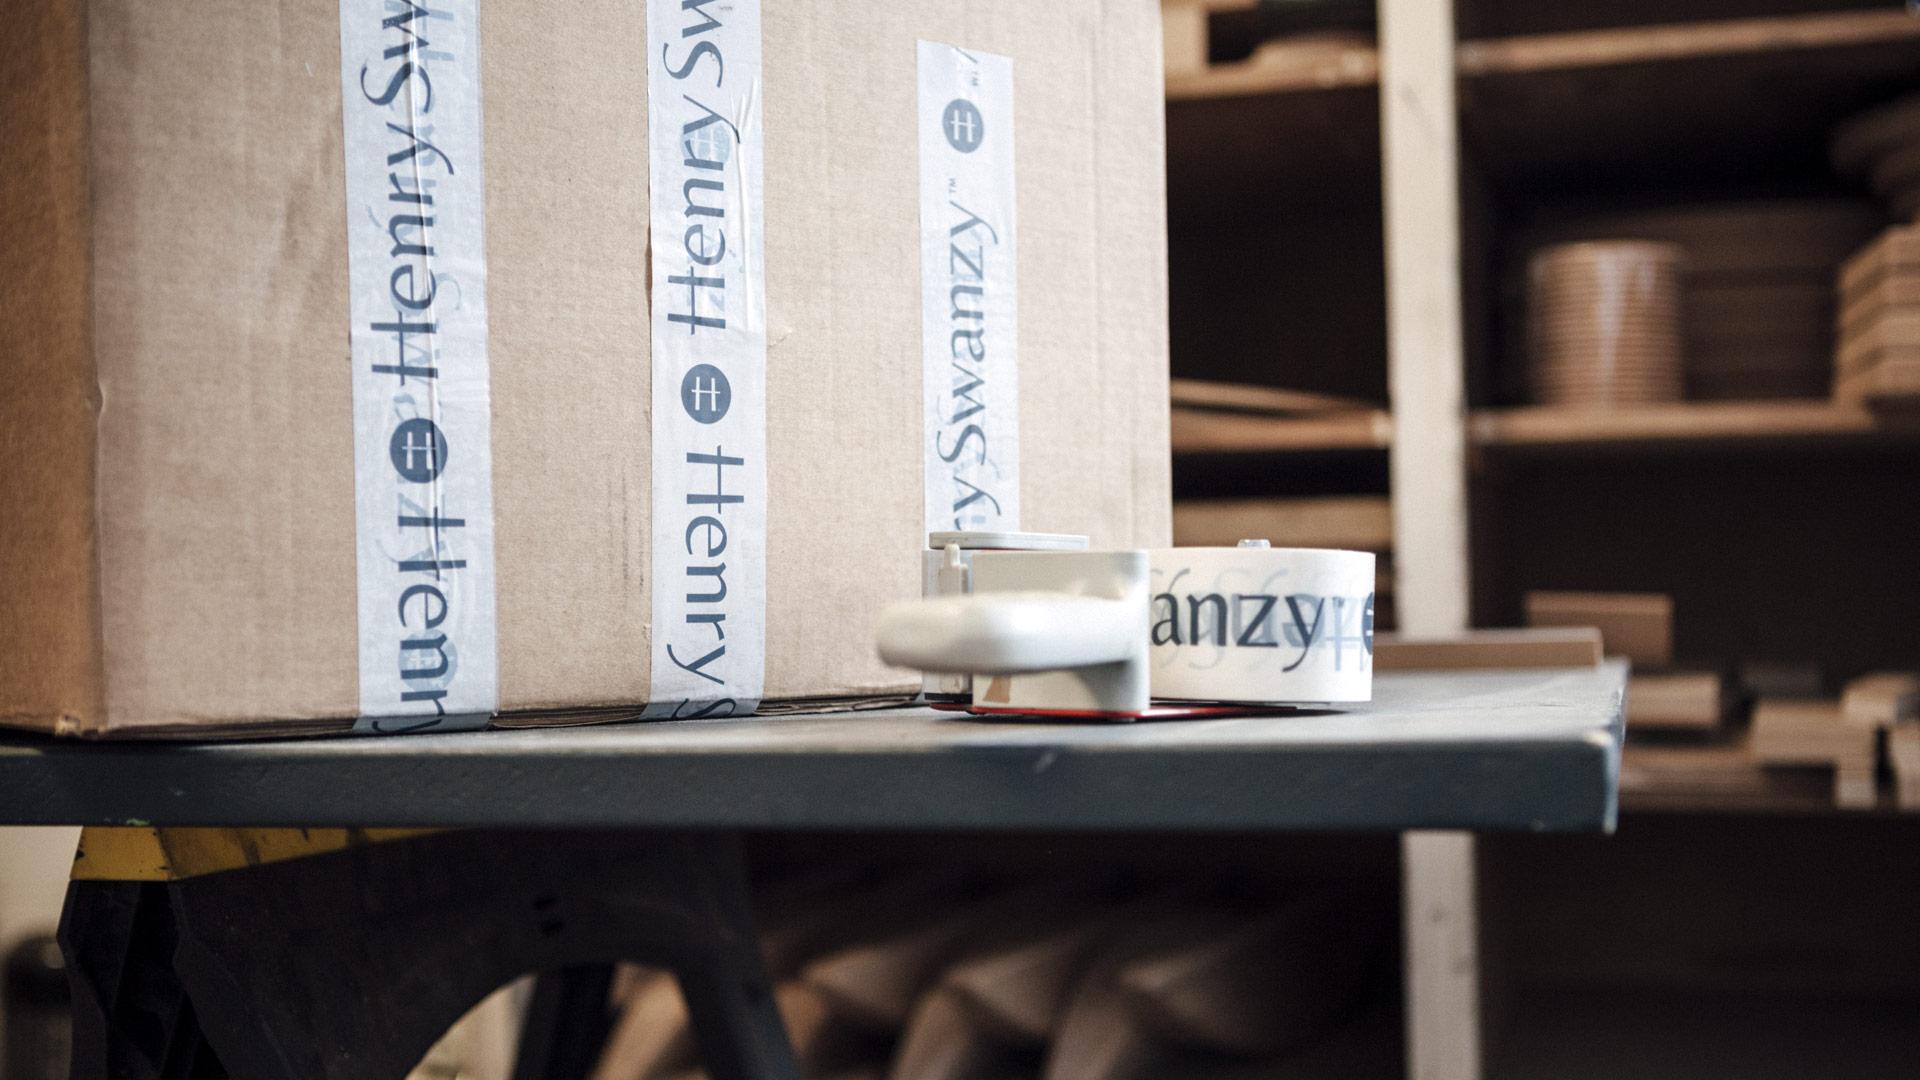 Henry Swanzy, brand identity